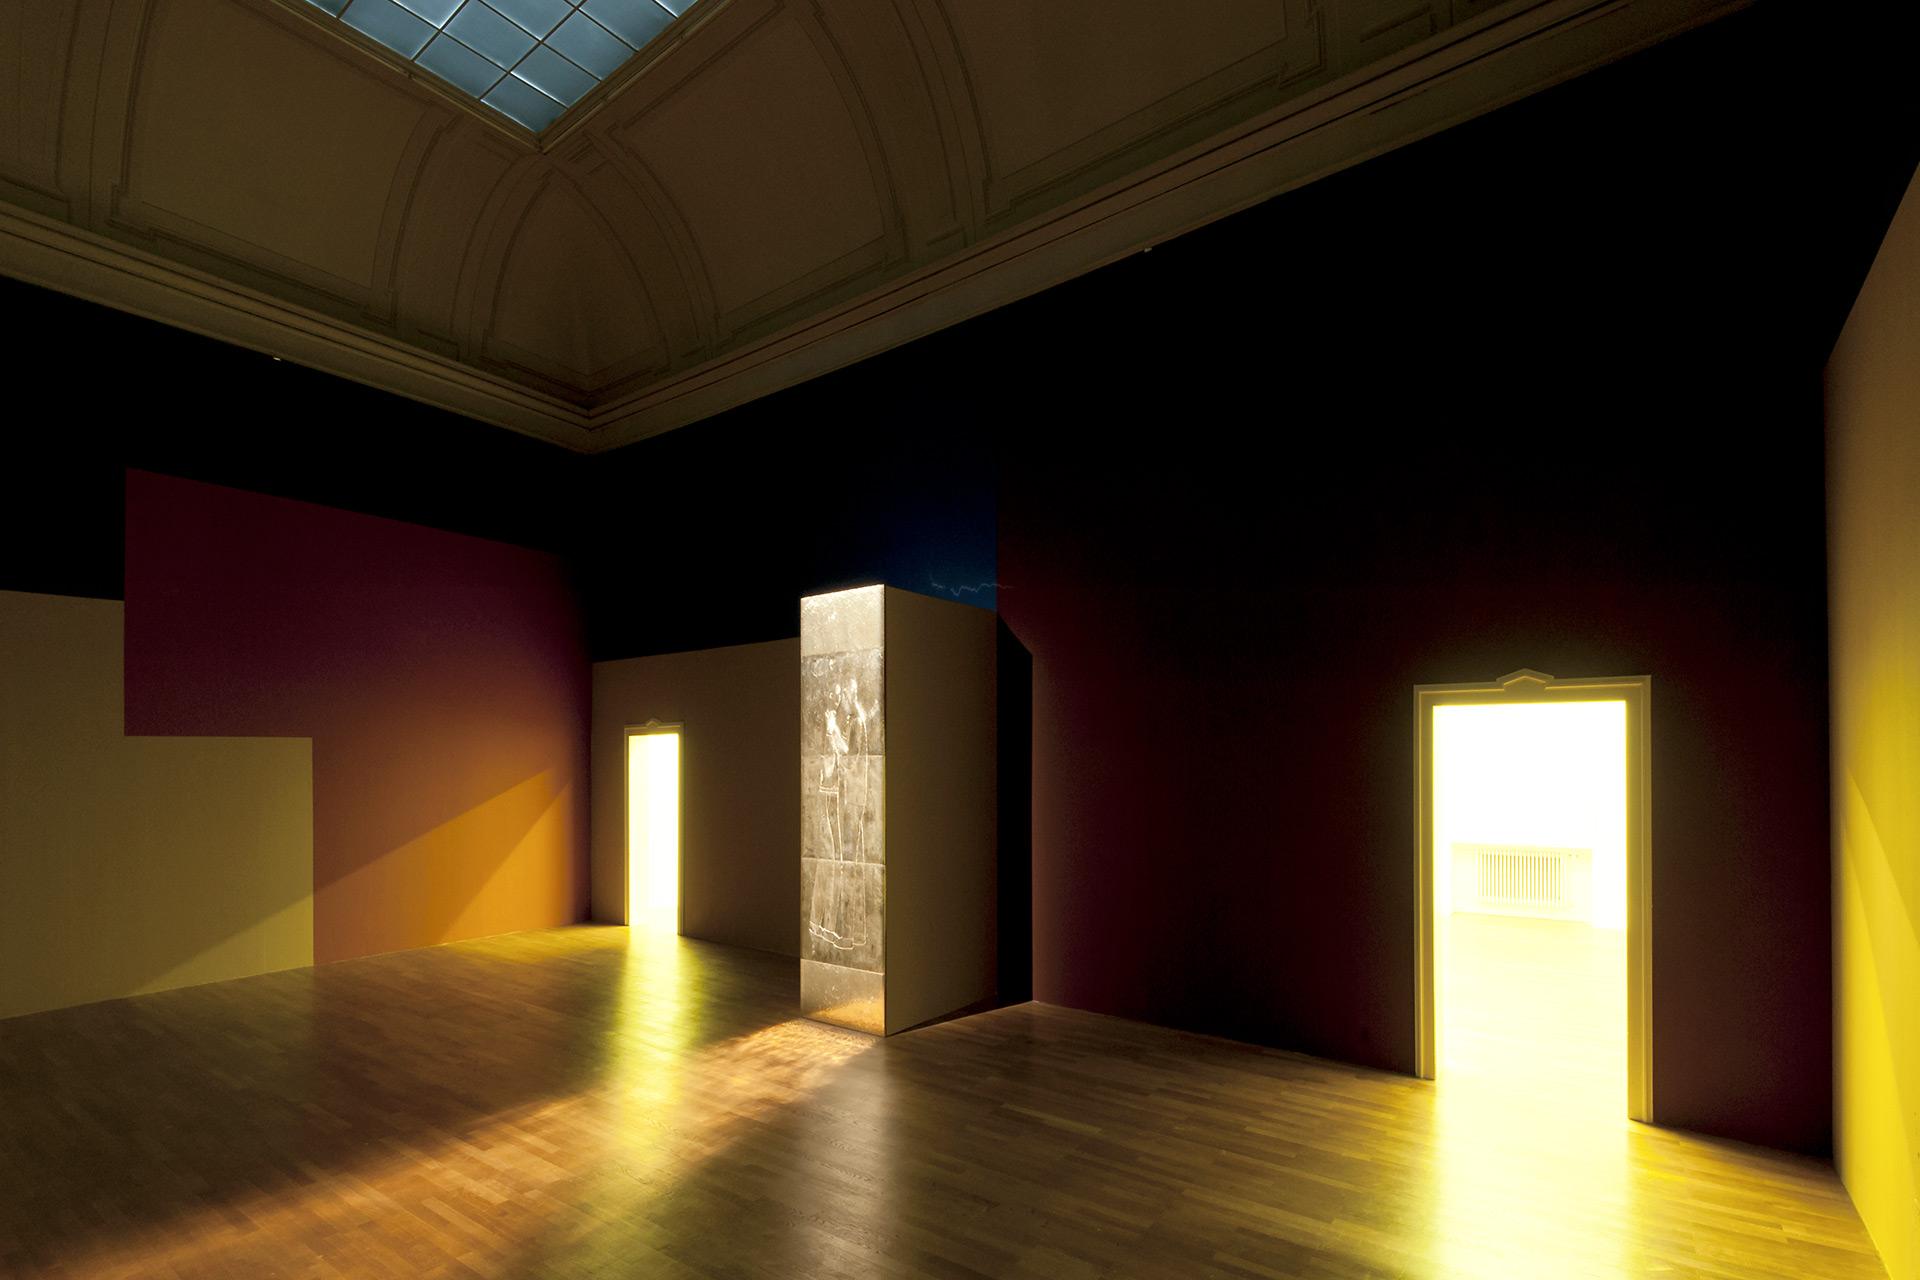 Rodrigo-Hernandez-Kunsthalle-Winterthur-2019-10.jpg